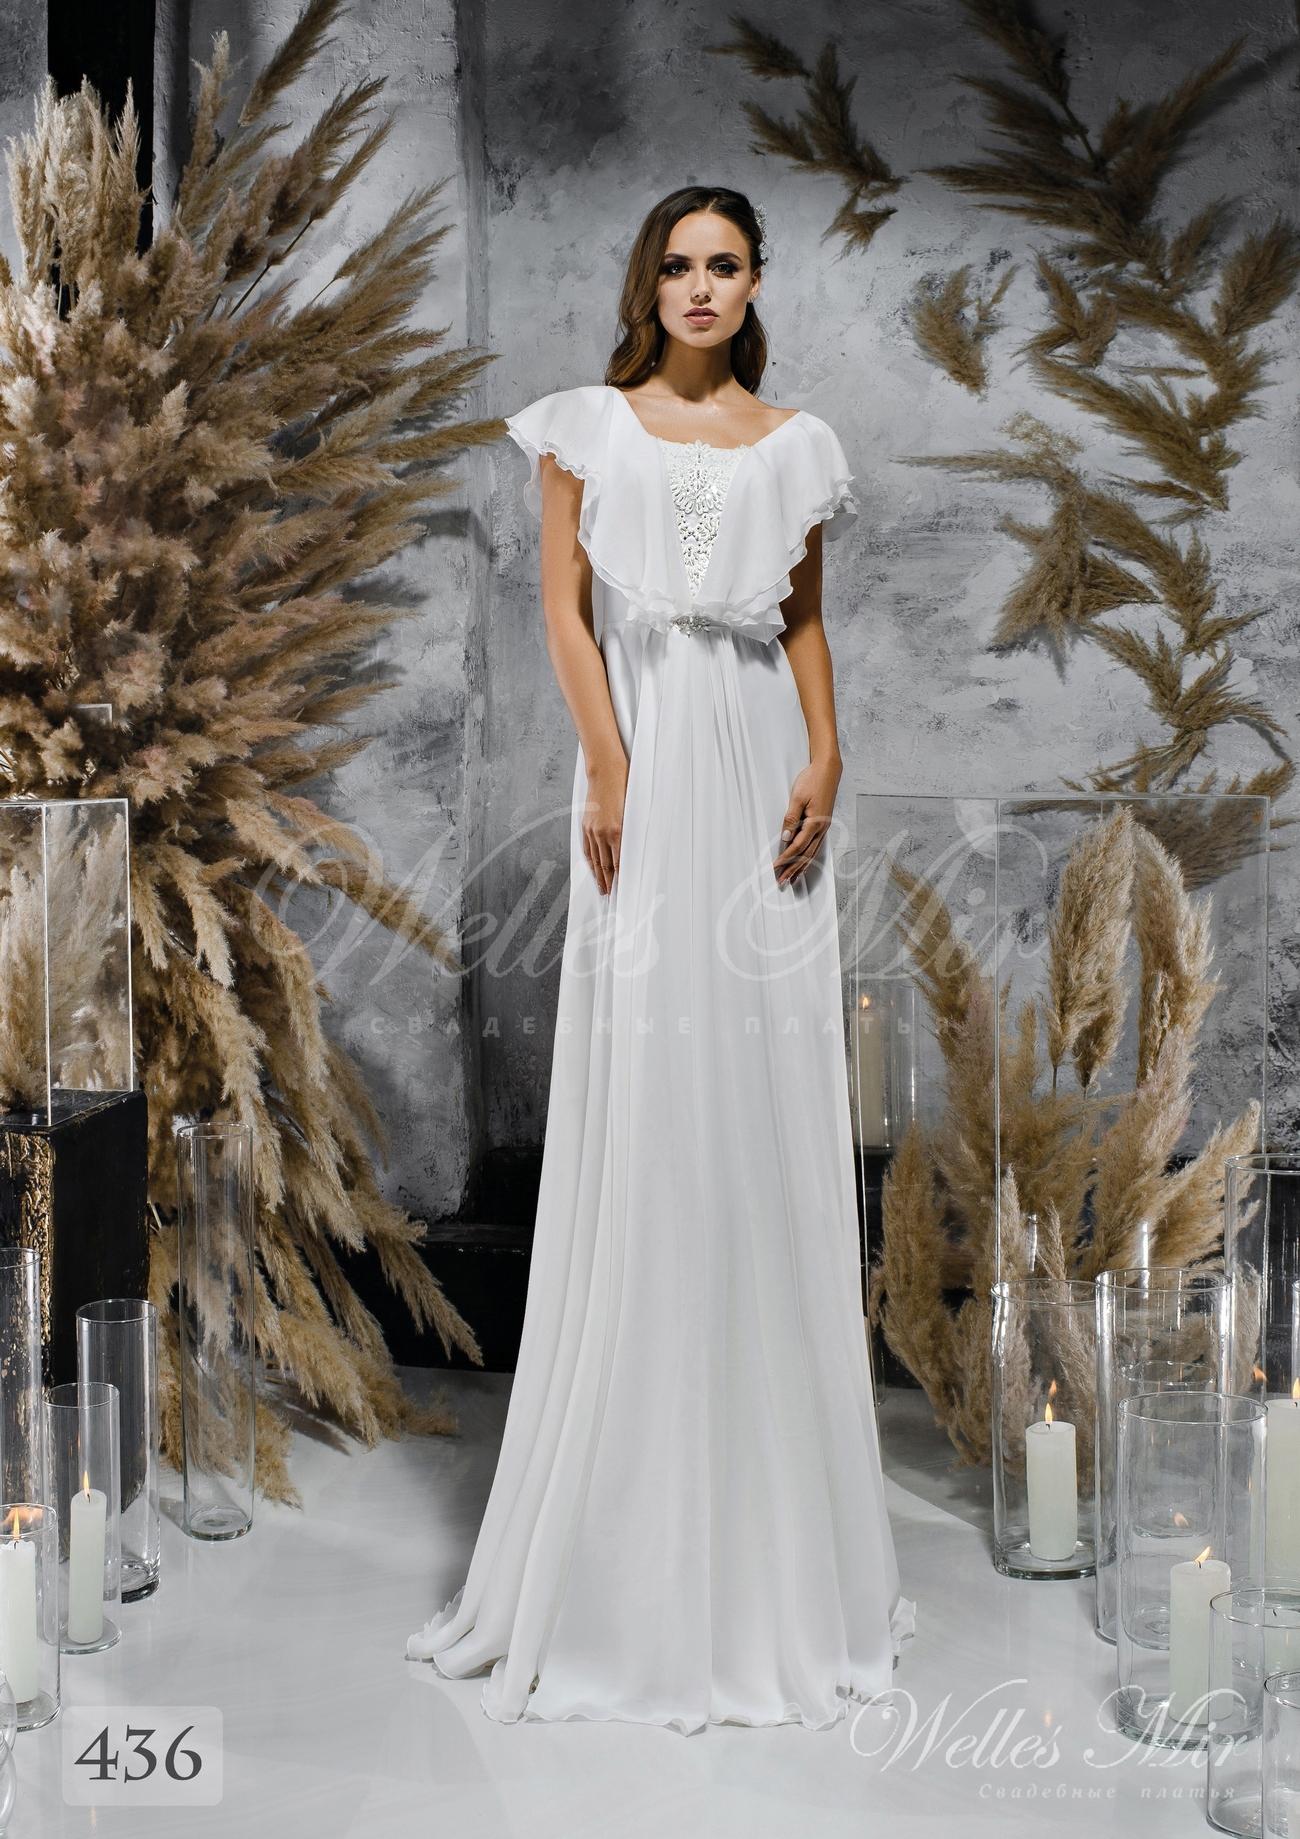 Rochie de mireasă roșie albă, cu șiretură în formă de aripă en gros